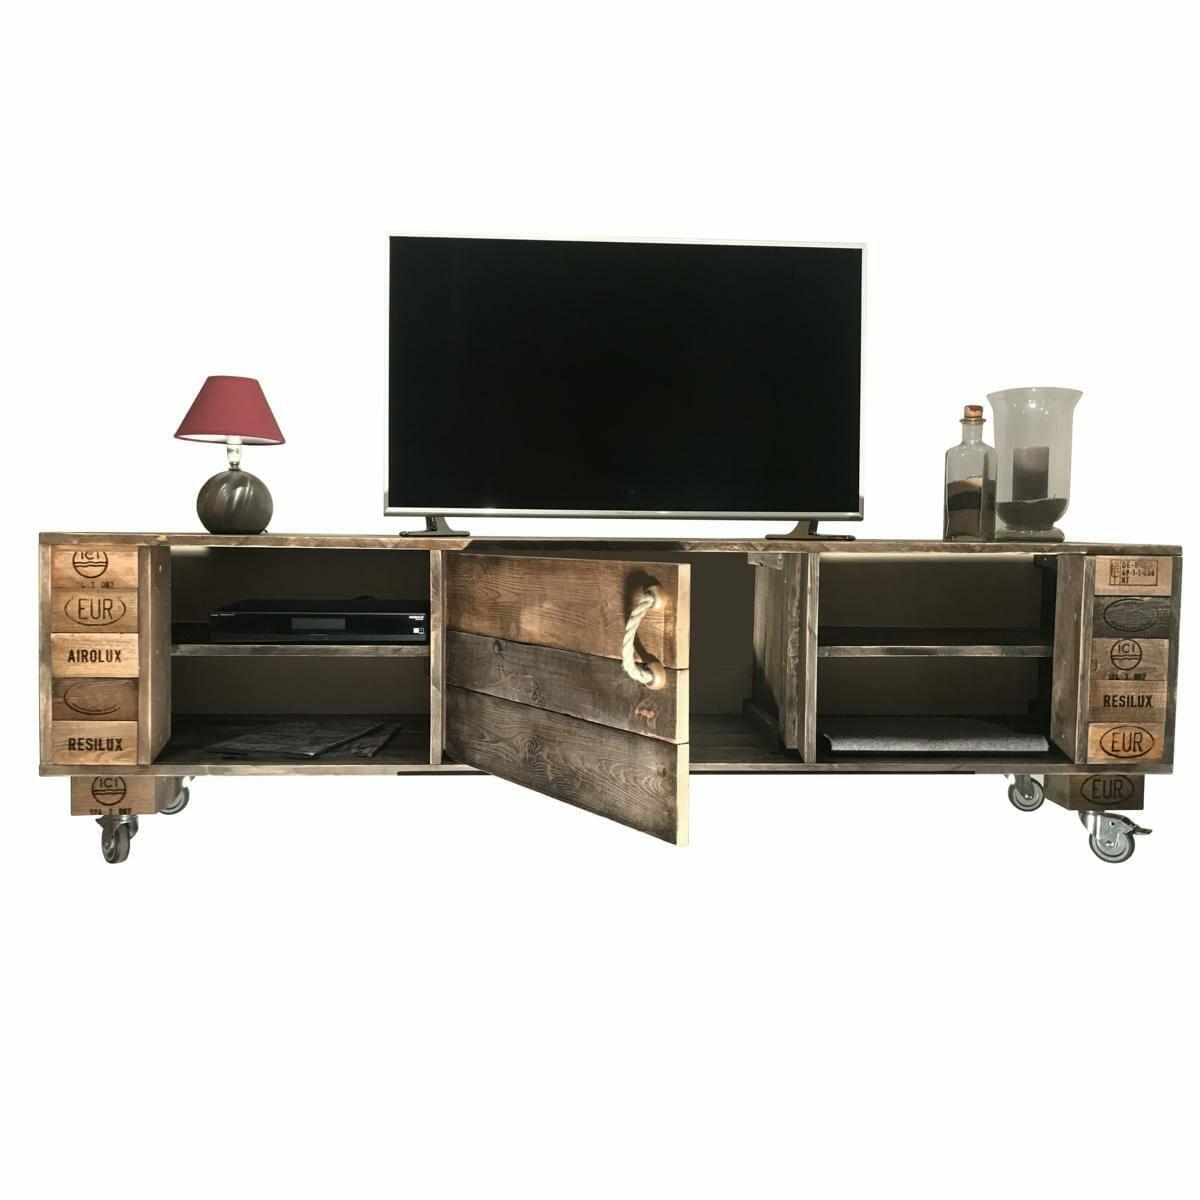 sideboard aus paletten-tv-schrank kommode